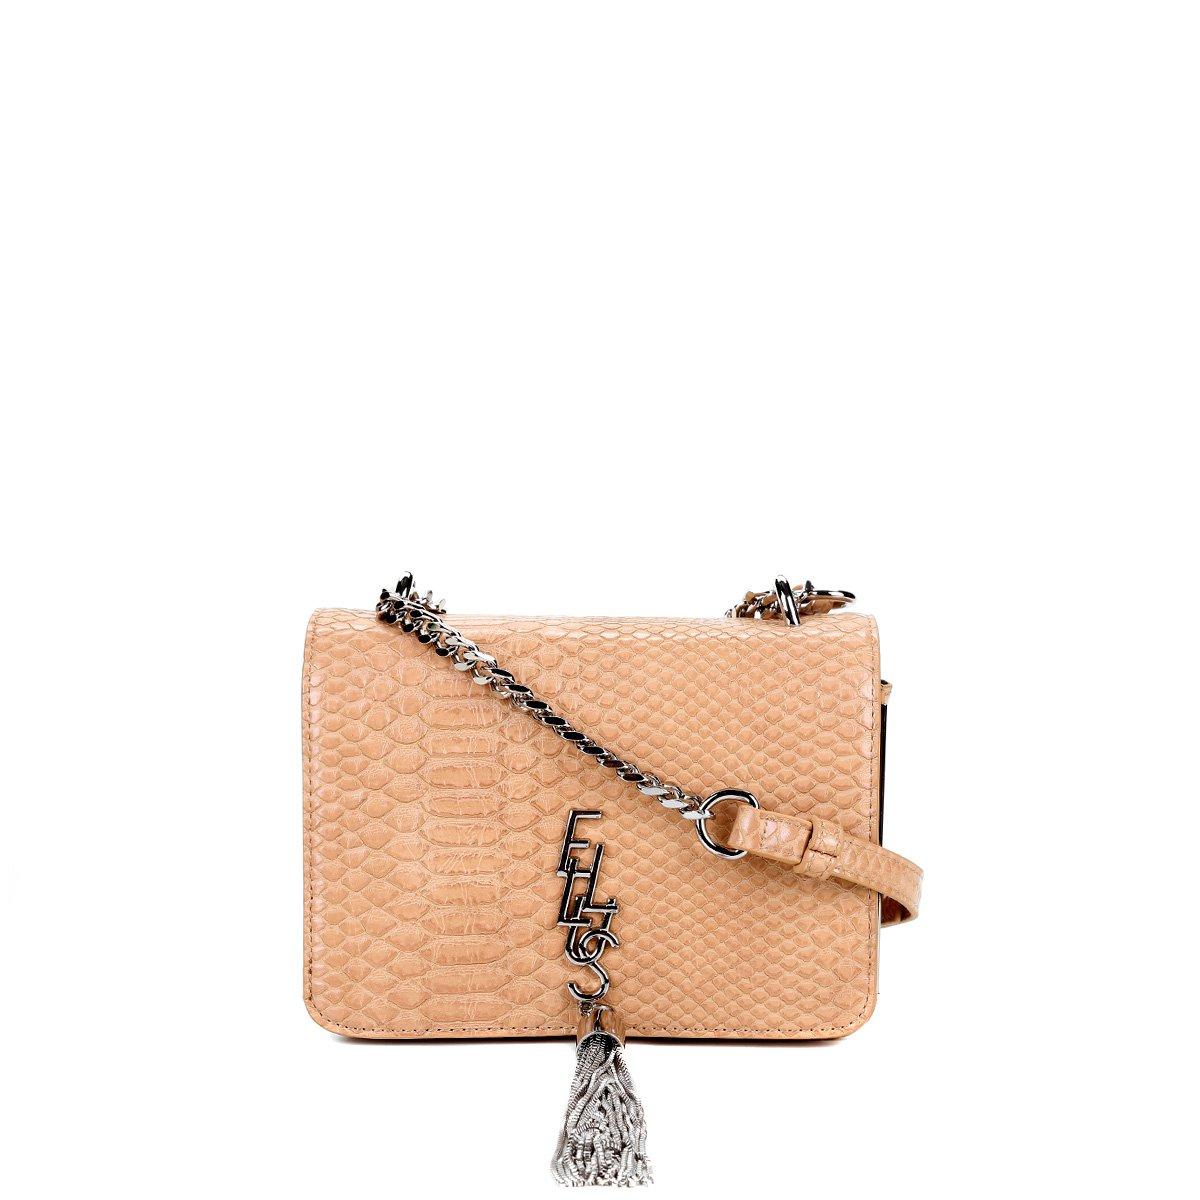 cd3a3d36f Bolsa Ellus Flap Shoulder Bag Tassel Feminina - Compre Agora